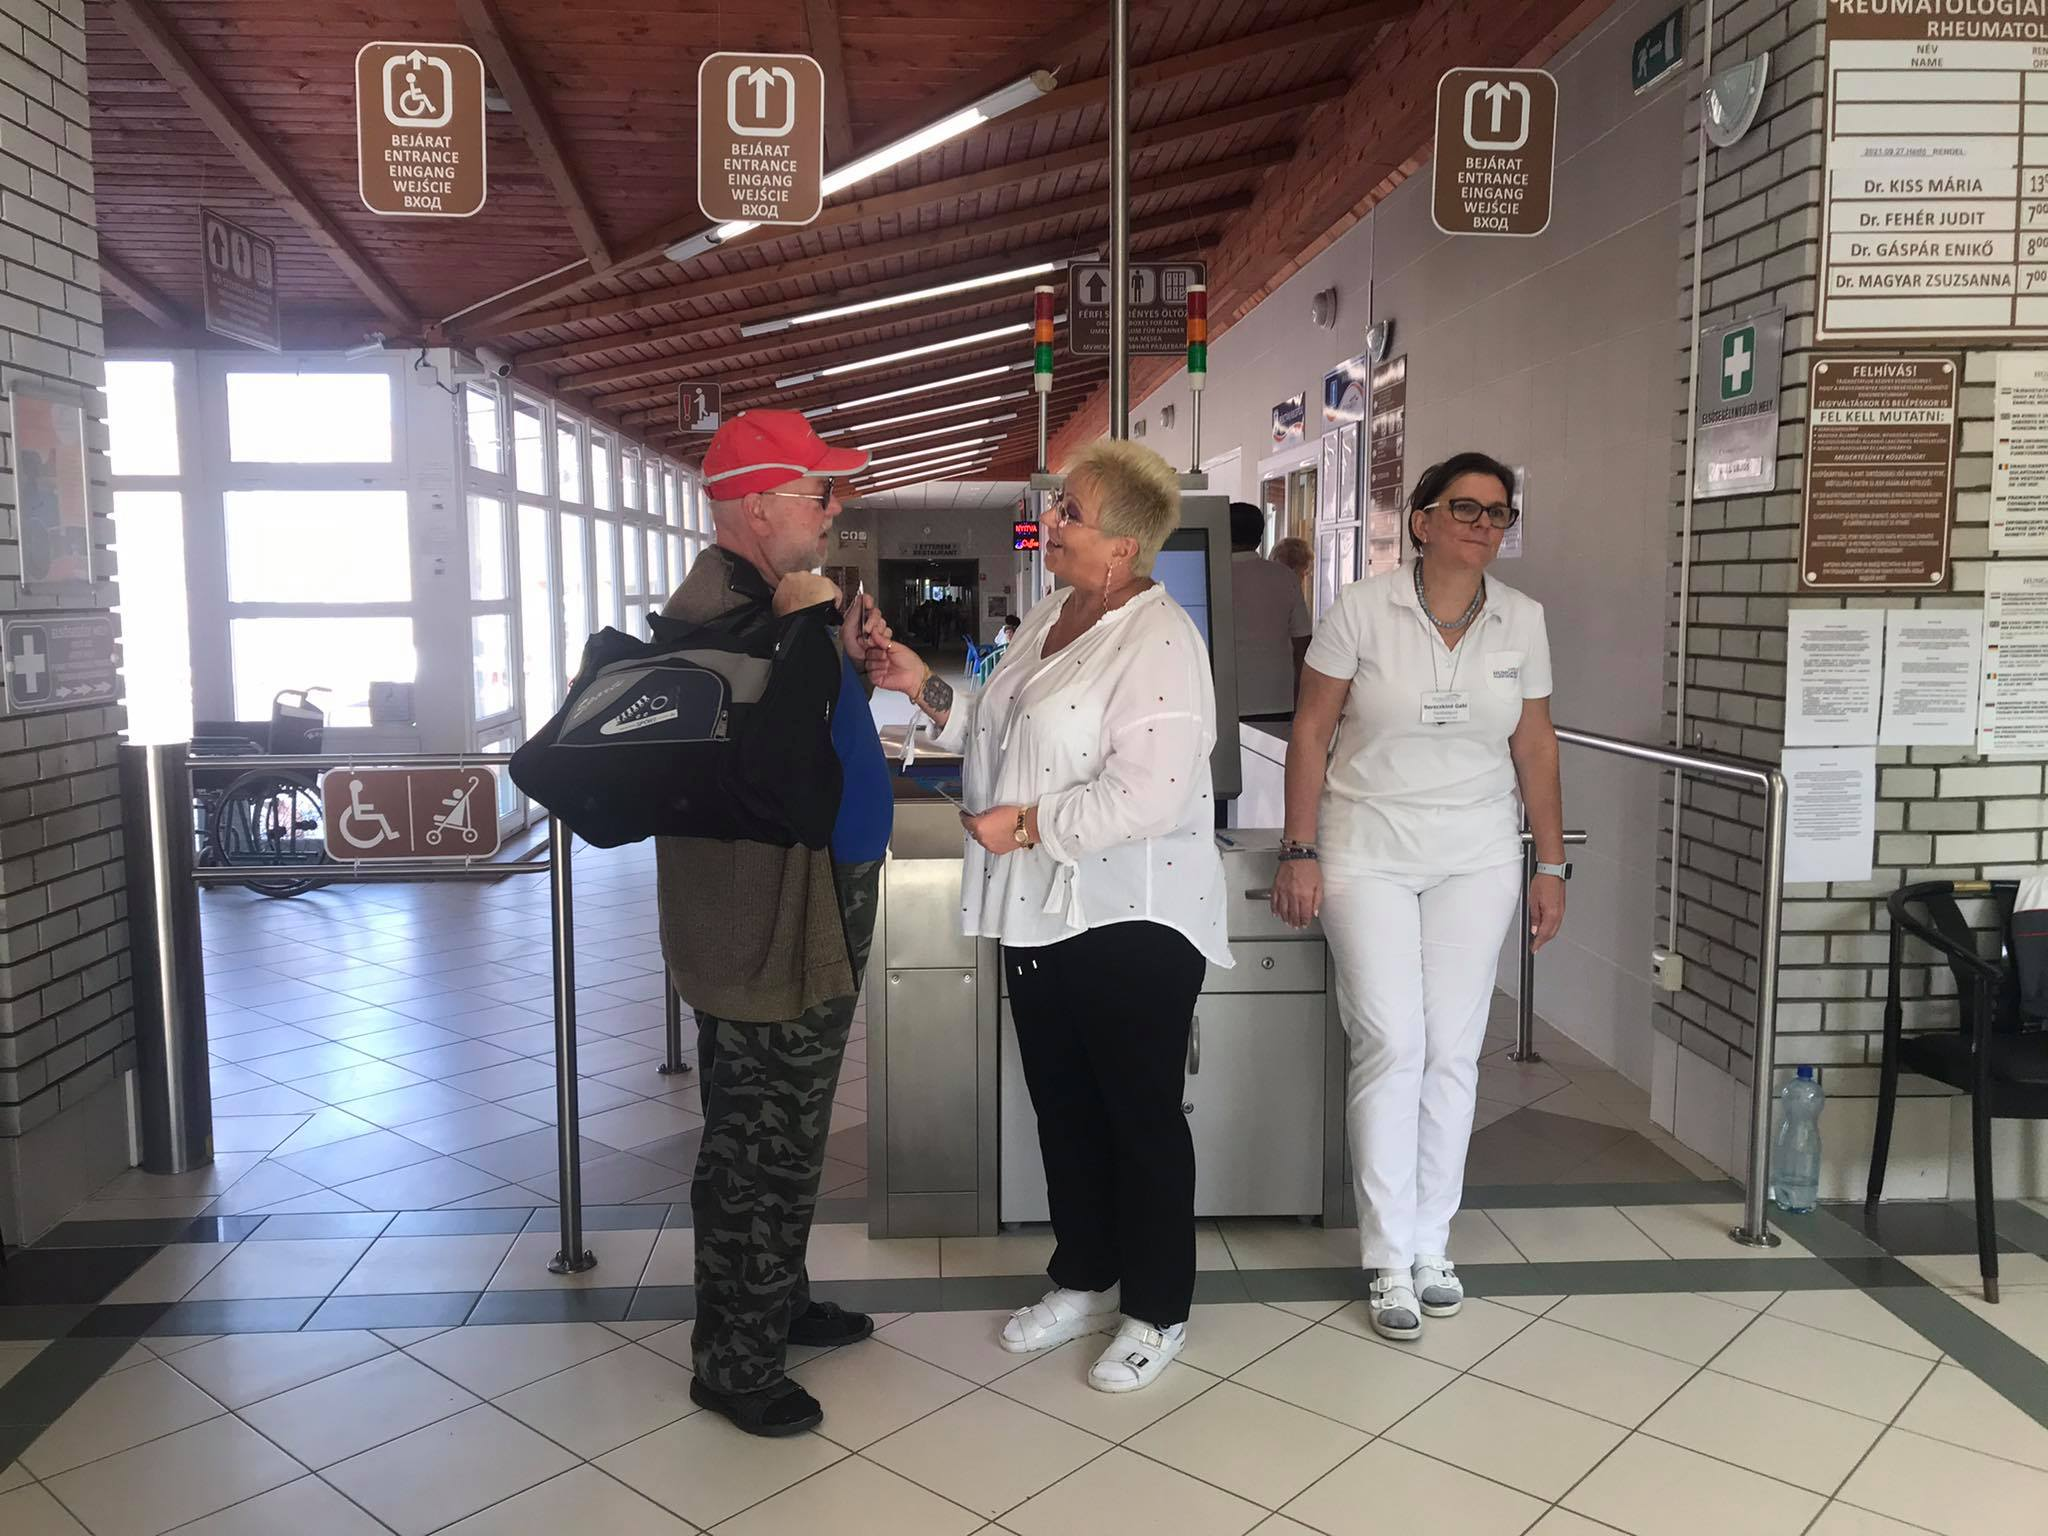 Turizmus vilagnap  a hungarospaban